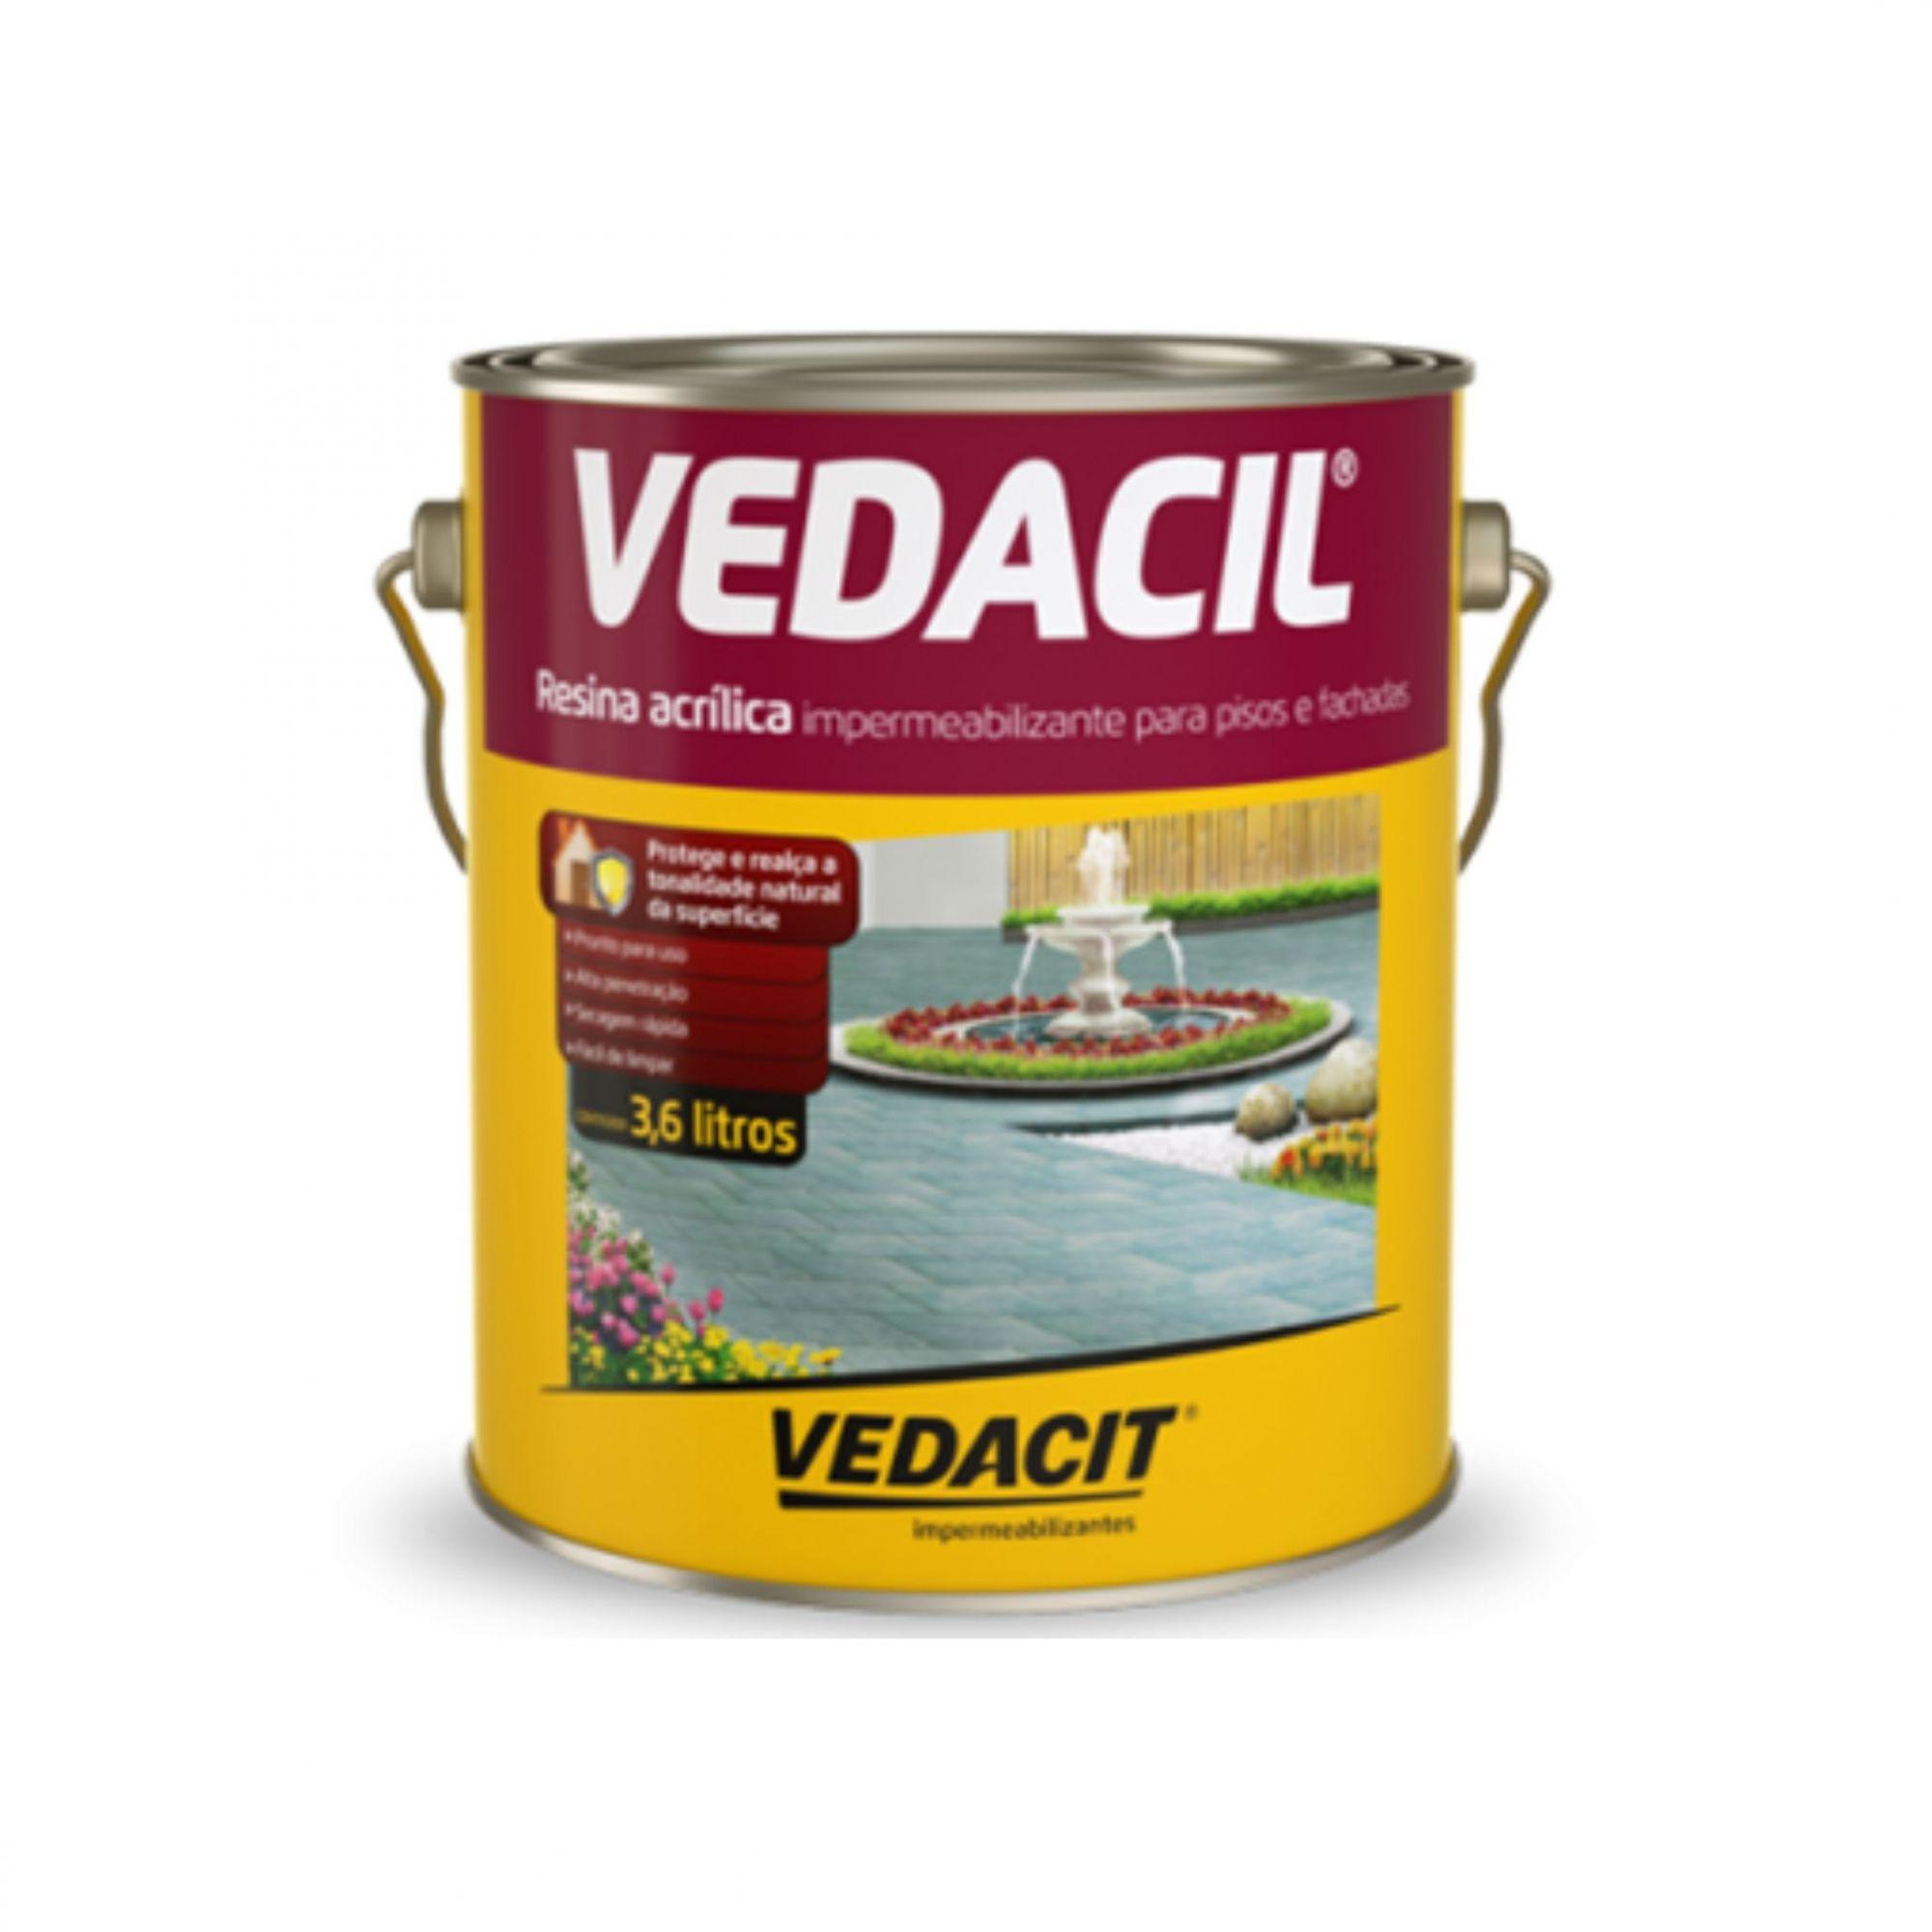 Resina Acrílica Vedacil 3,6 Litros Vedacit